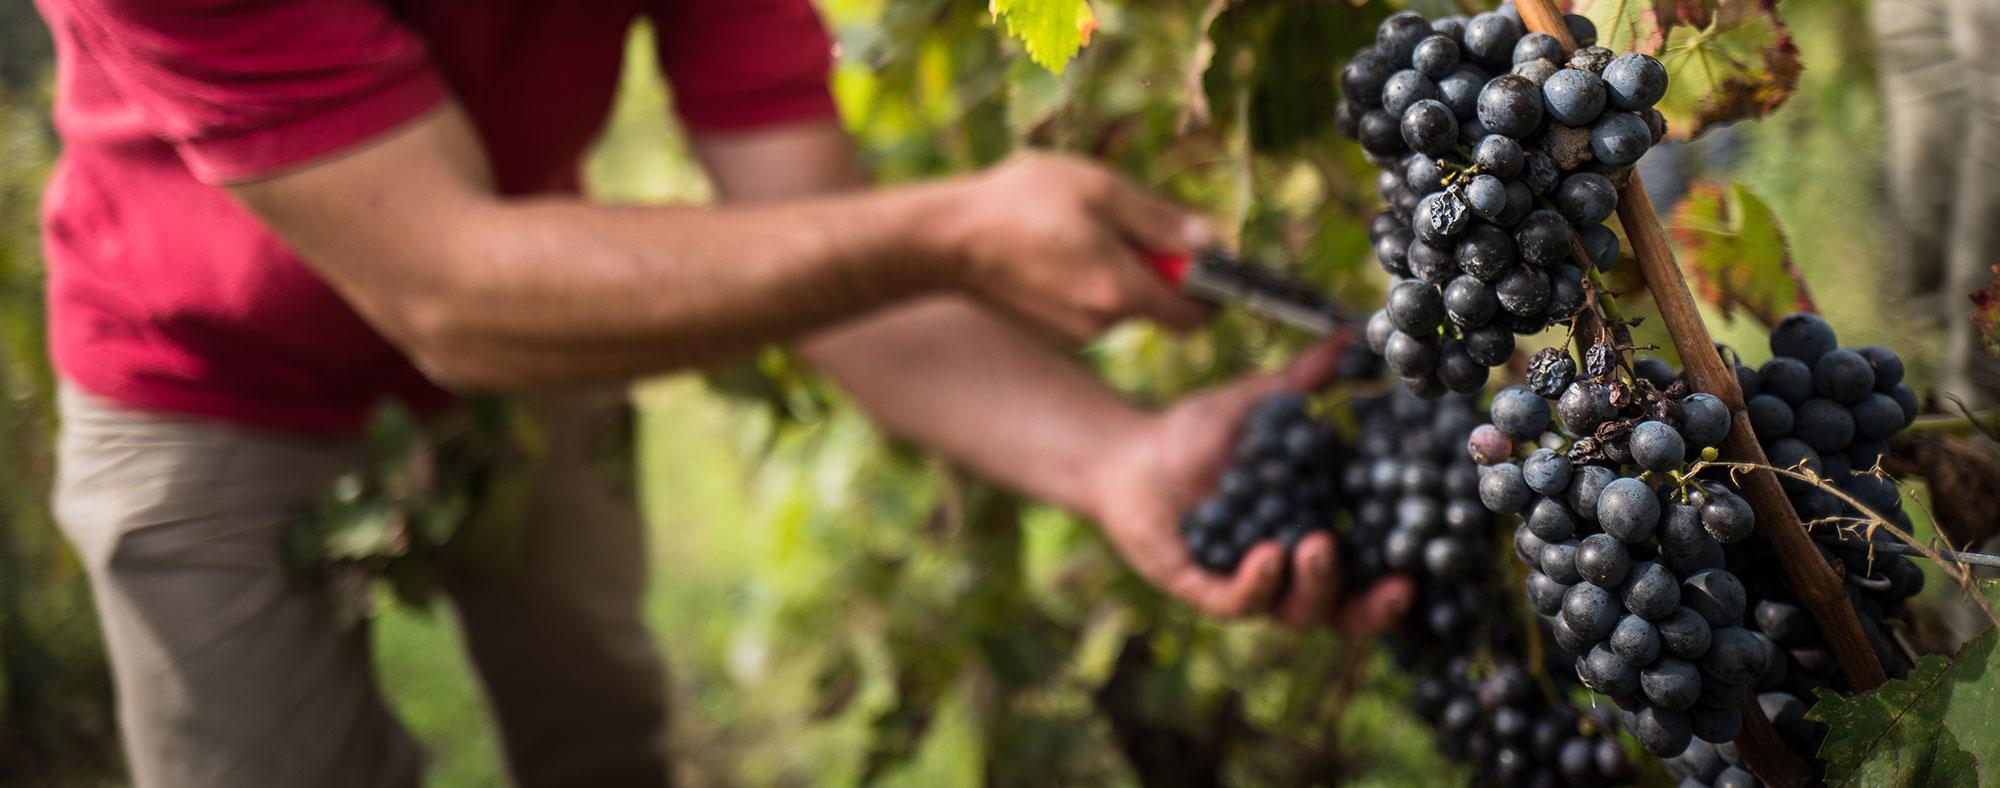 La raccolta dell'uva nei vigneti di Riecine